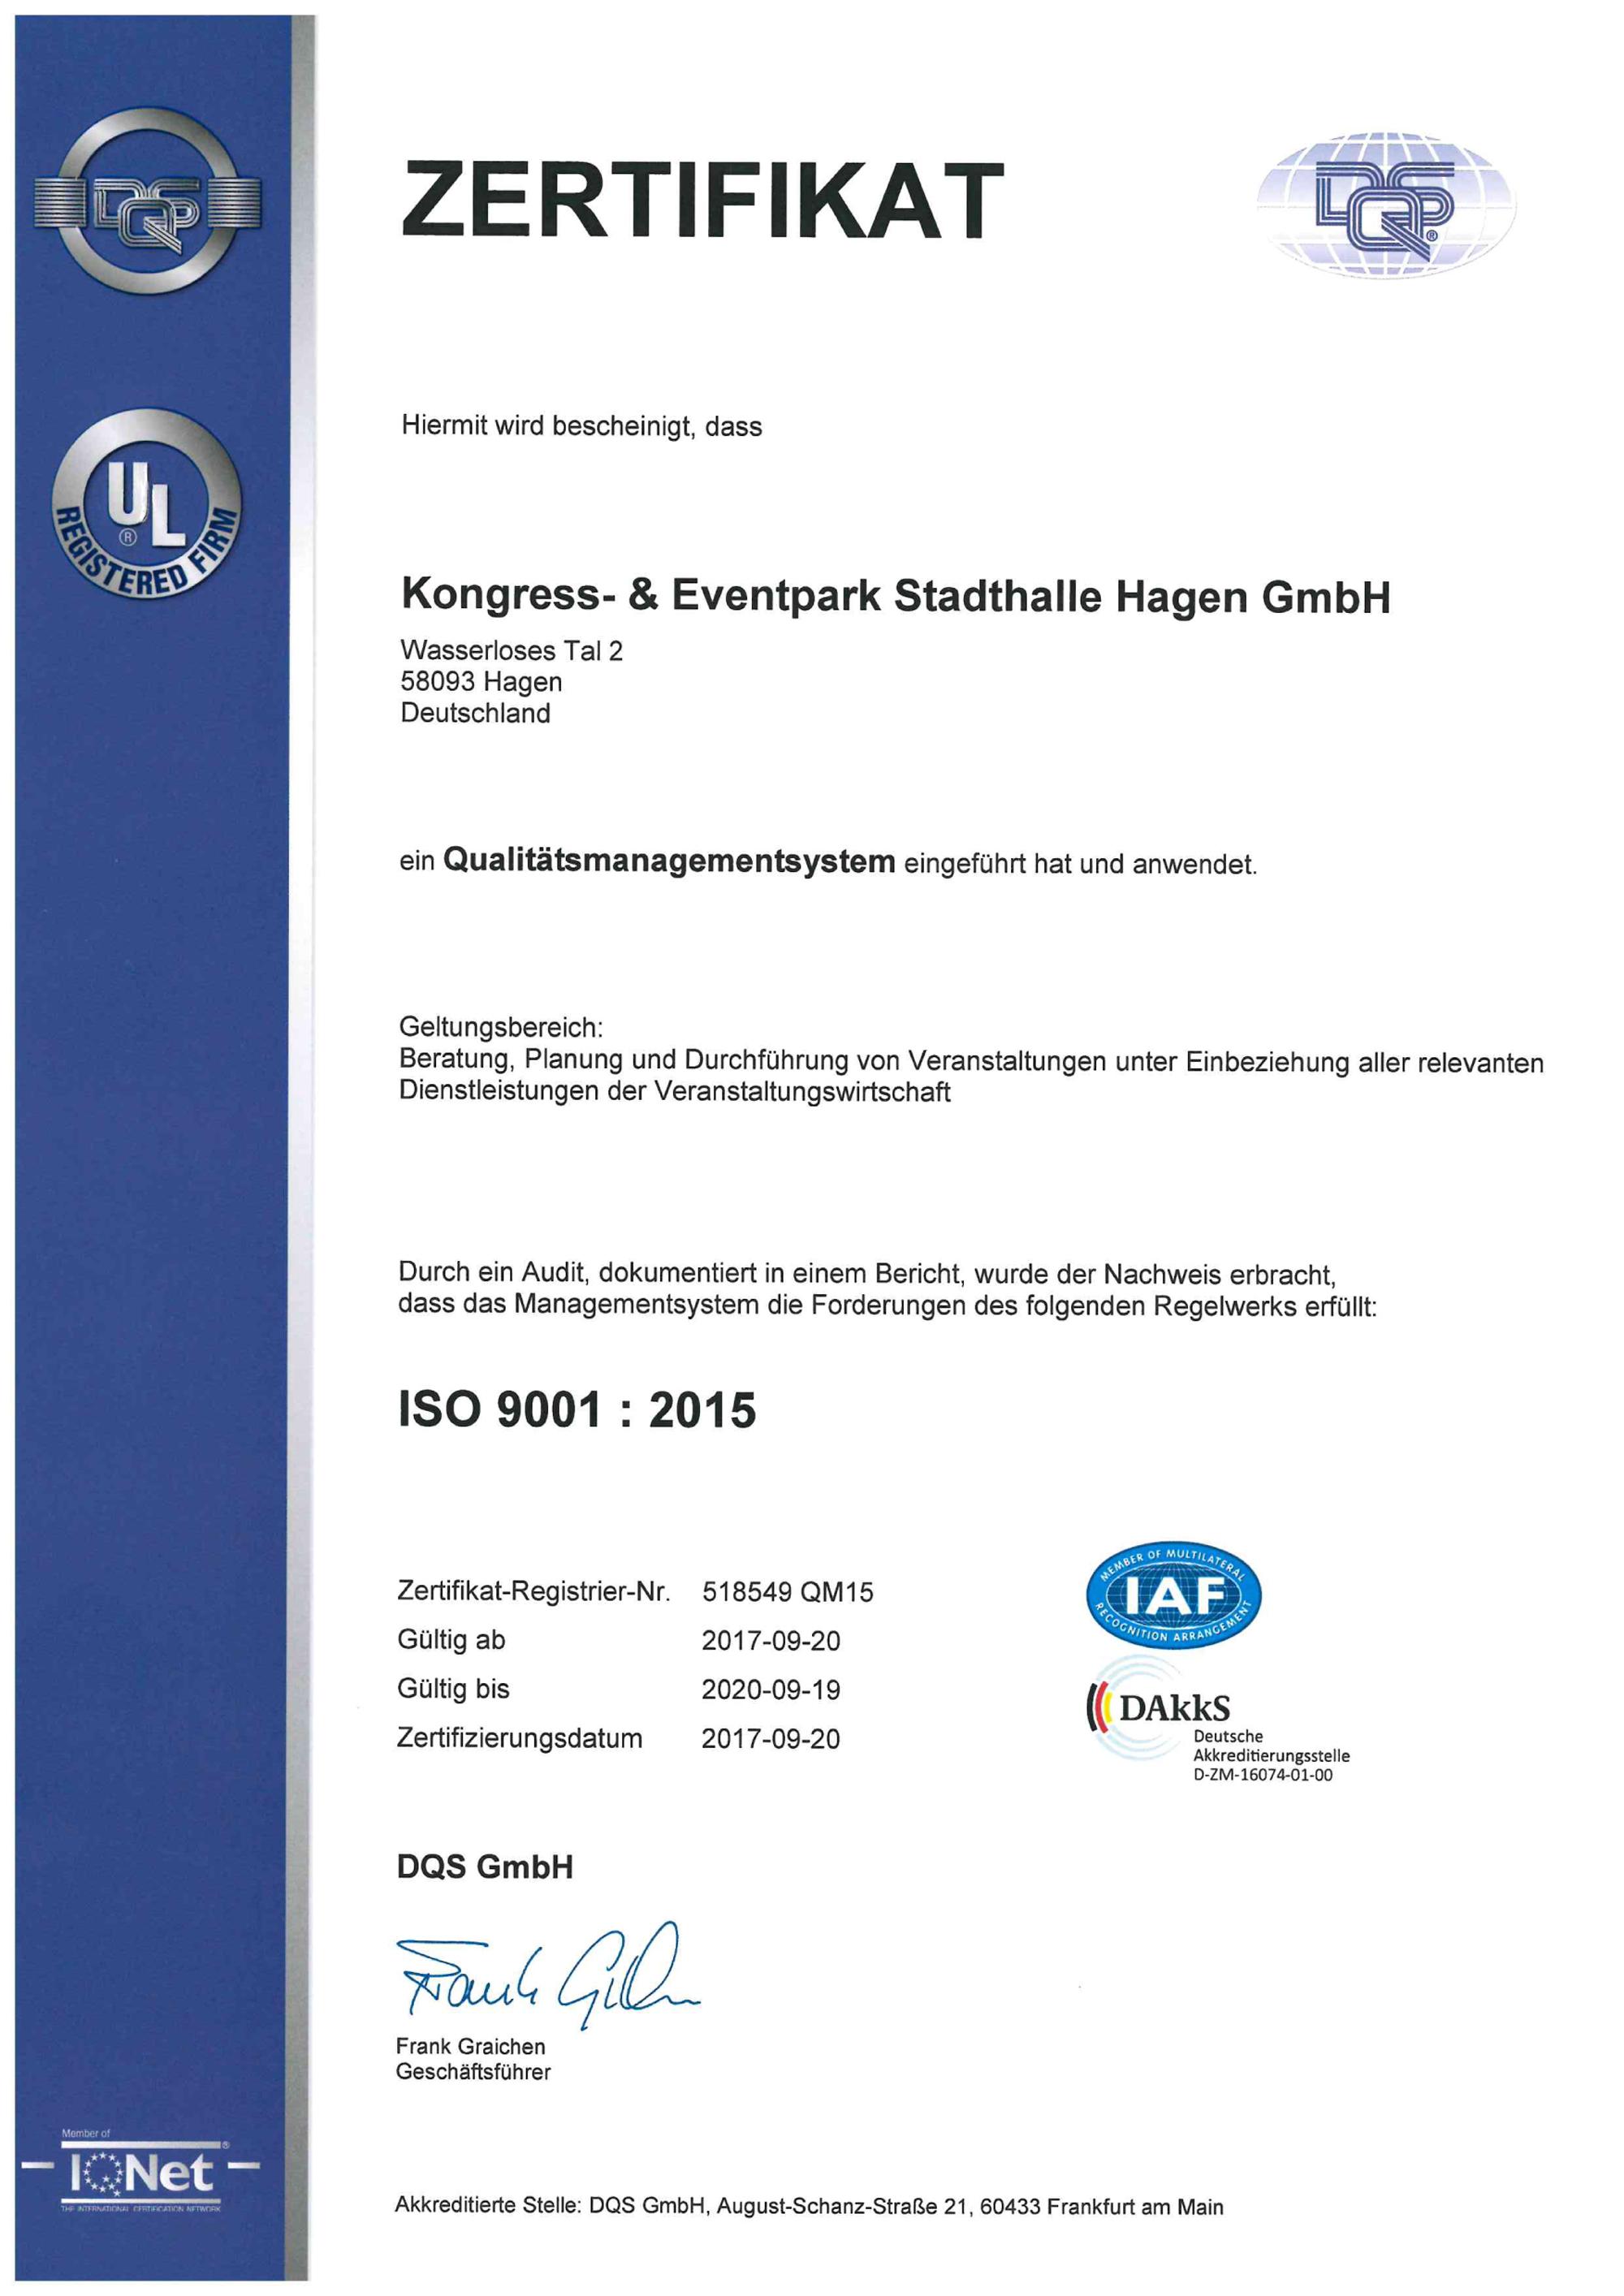 2016 ISO Zertifikat deutsch